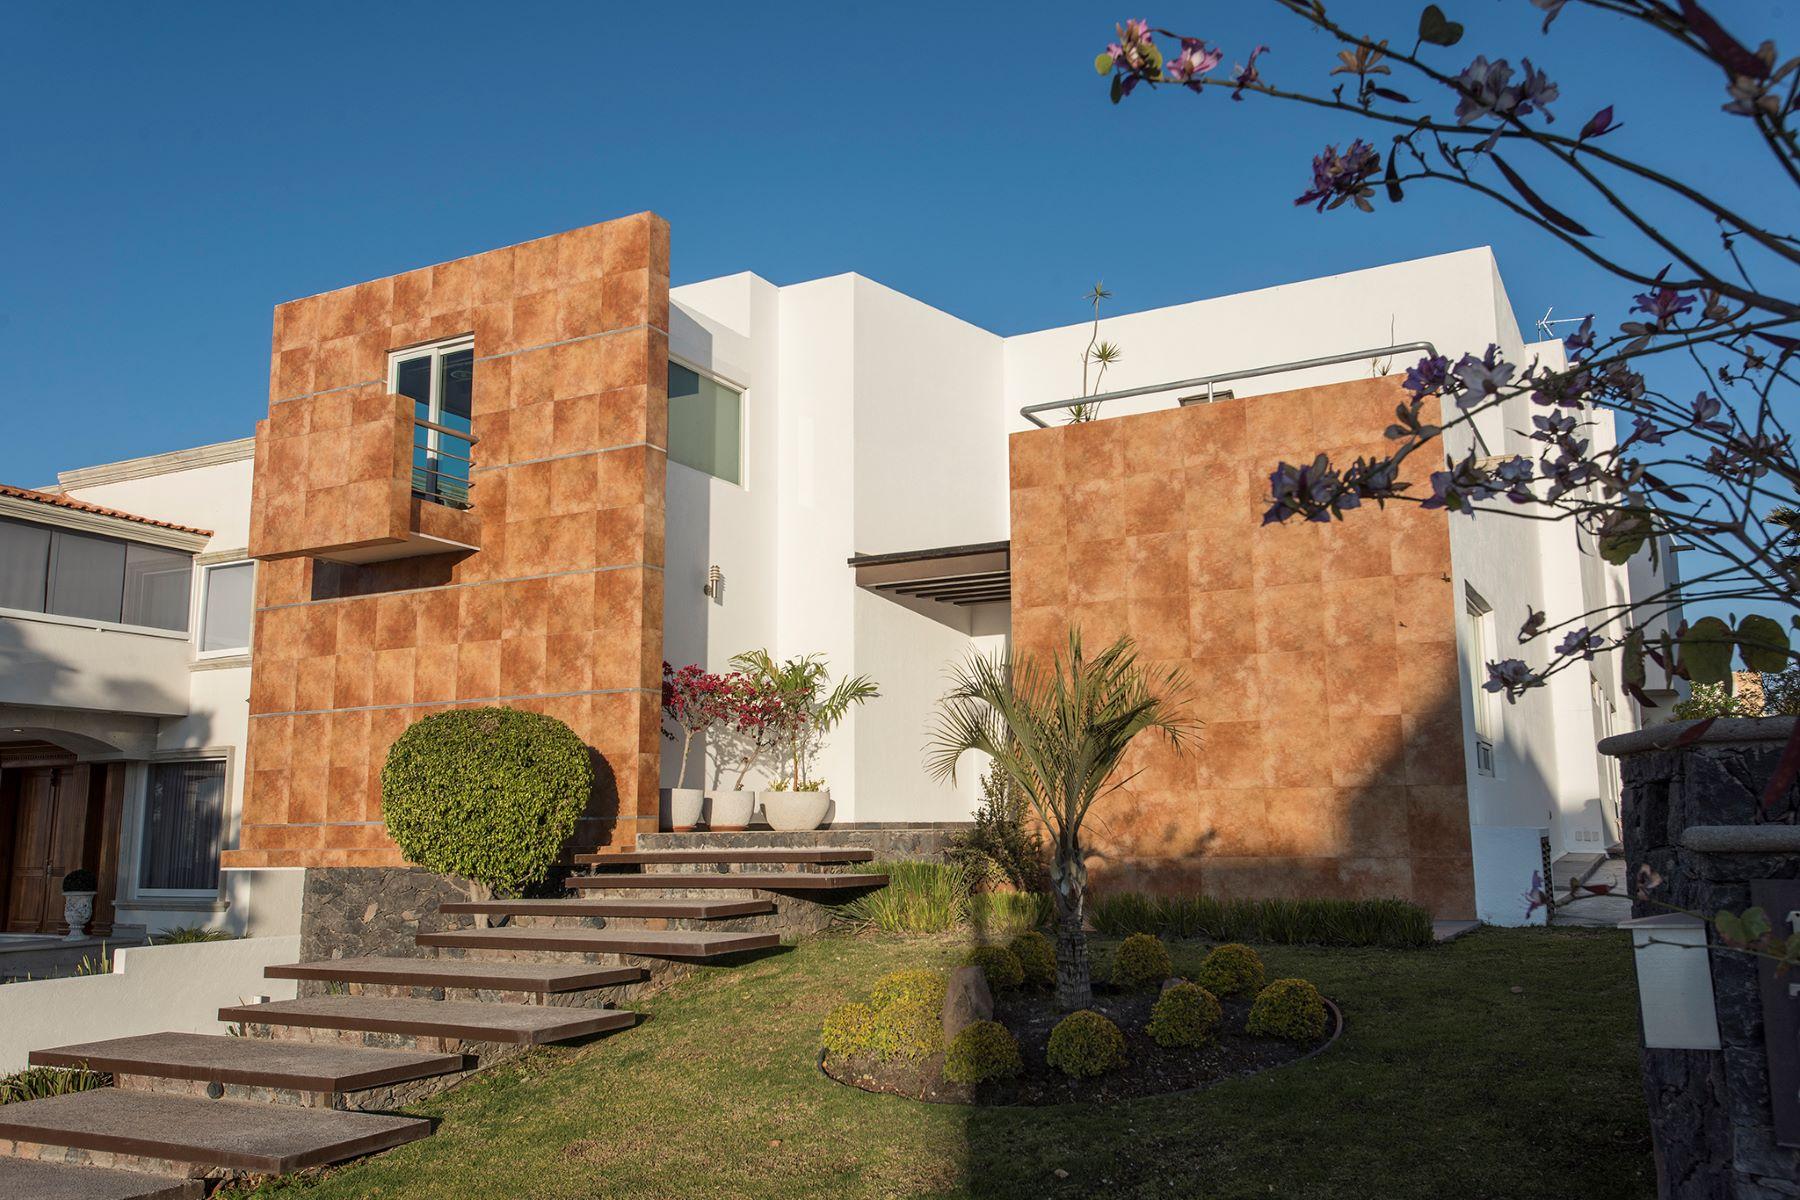 Single Family Home for Sale at Casa Tikul Queretaro, Queretaro, Mexico